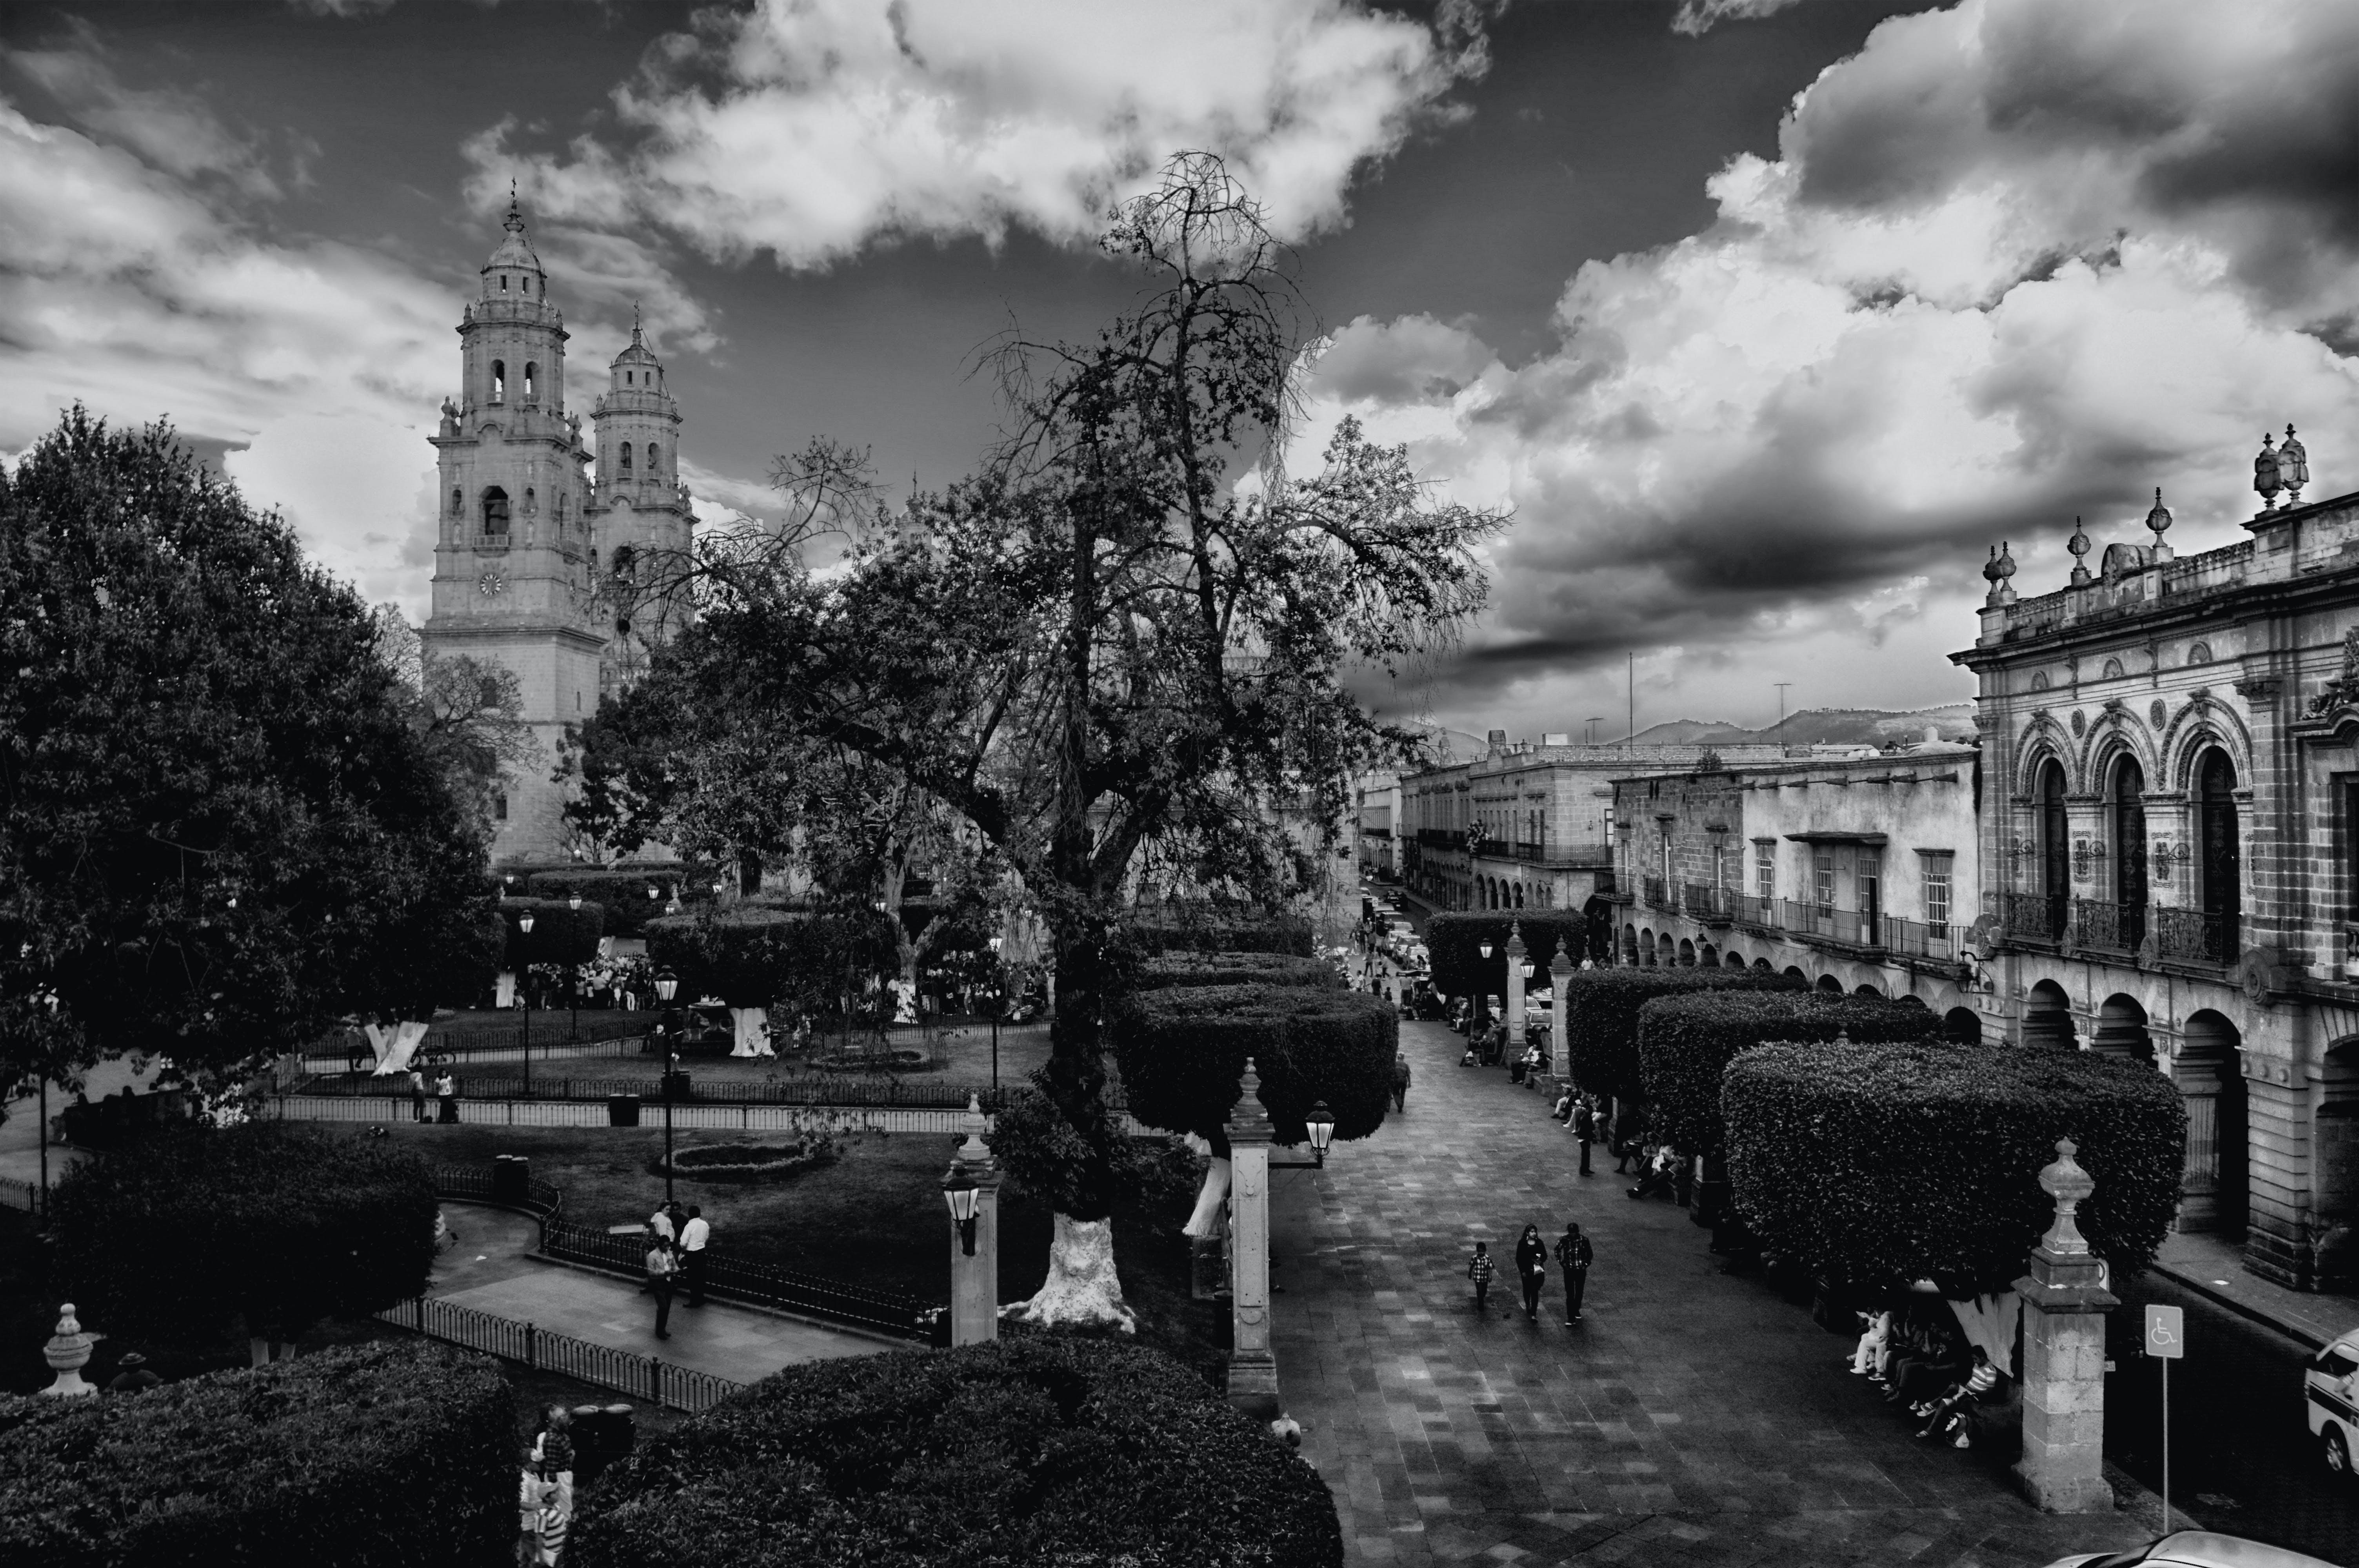 ağaç, binalar, bulutlar, kasaba içeren Ücretsiz stok fotoğraf